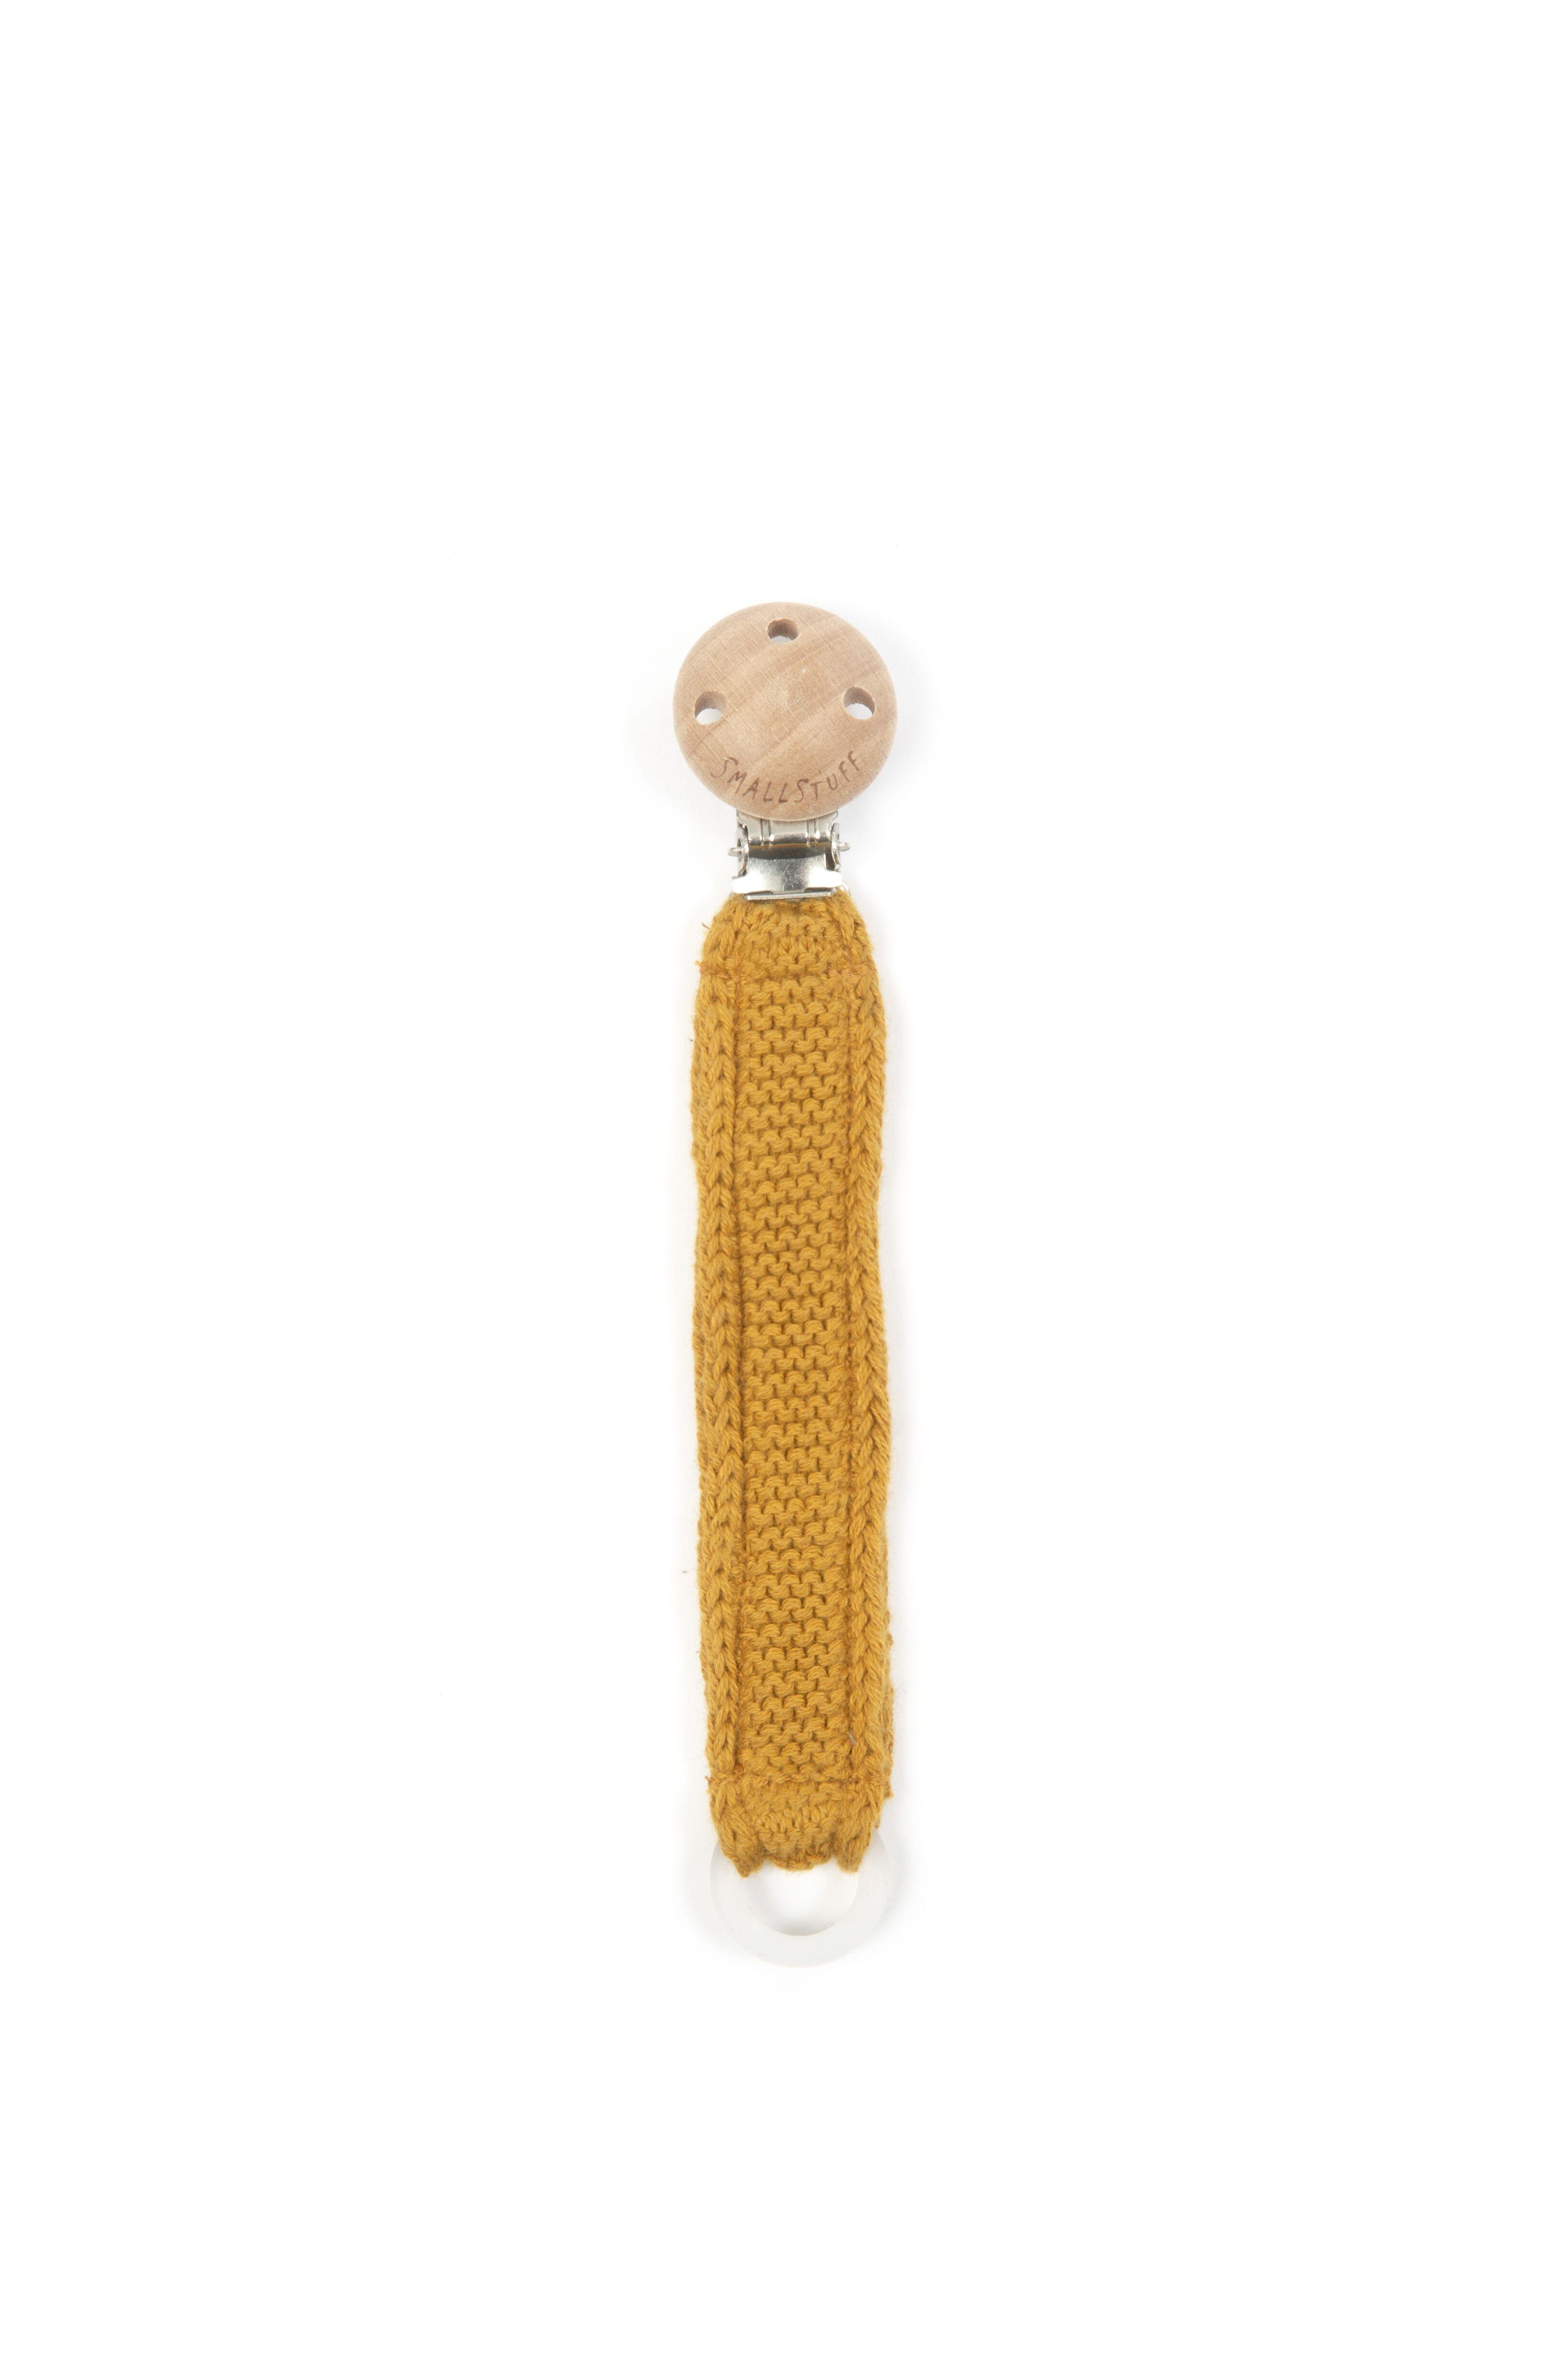 Smallstuff - Knitted Dummy Chain w. Wooden Clips - Hazel